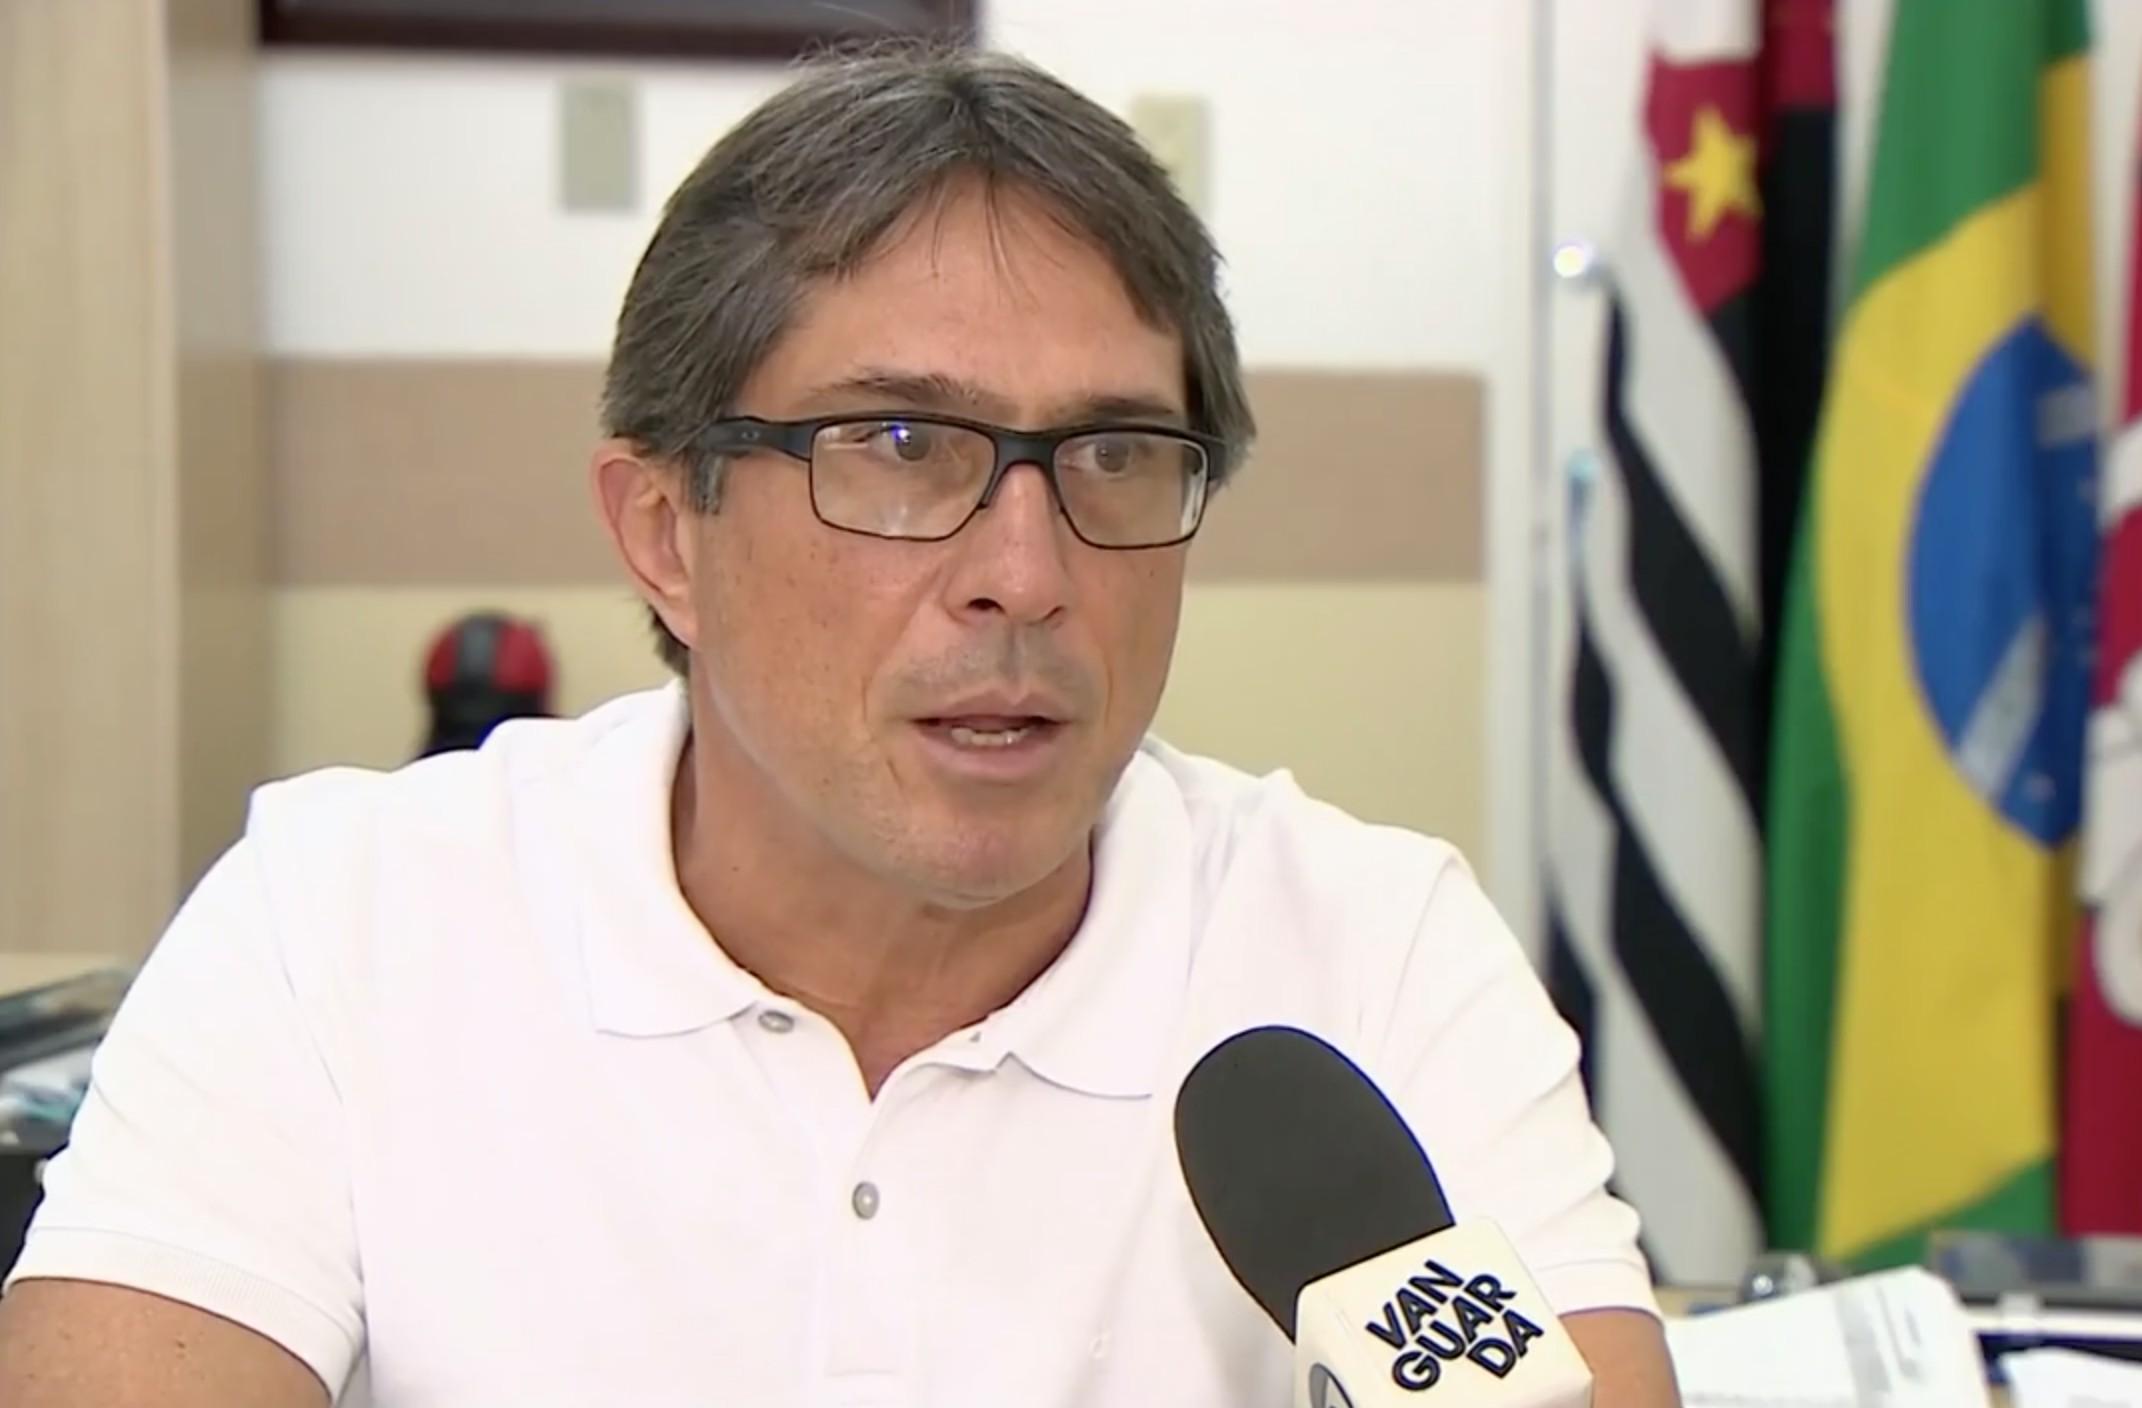 Prefeito de Lorena, Fábio Marcondes, testa positivo para Covid-19